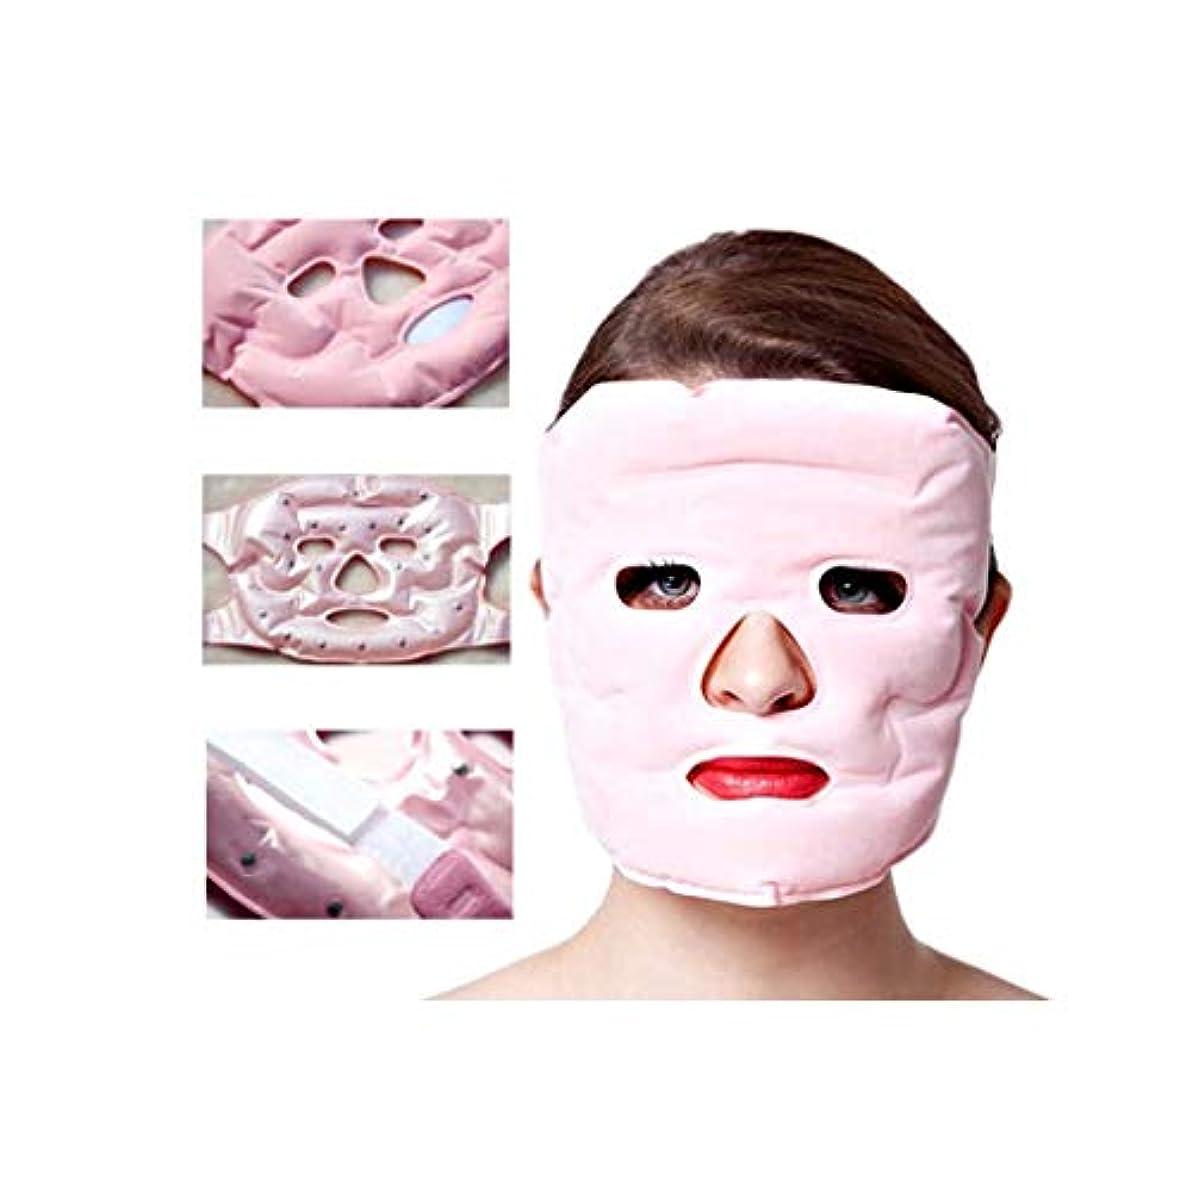 感情の振動するキリンフェイシャルスリミング、Vフェイスマスク、フェイスリフティングビューティーマスク、磁気療法リフティングフェイス、肌の状態を改善するための肌の頬の引き締め